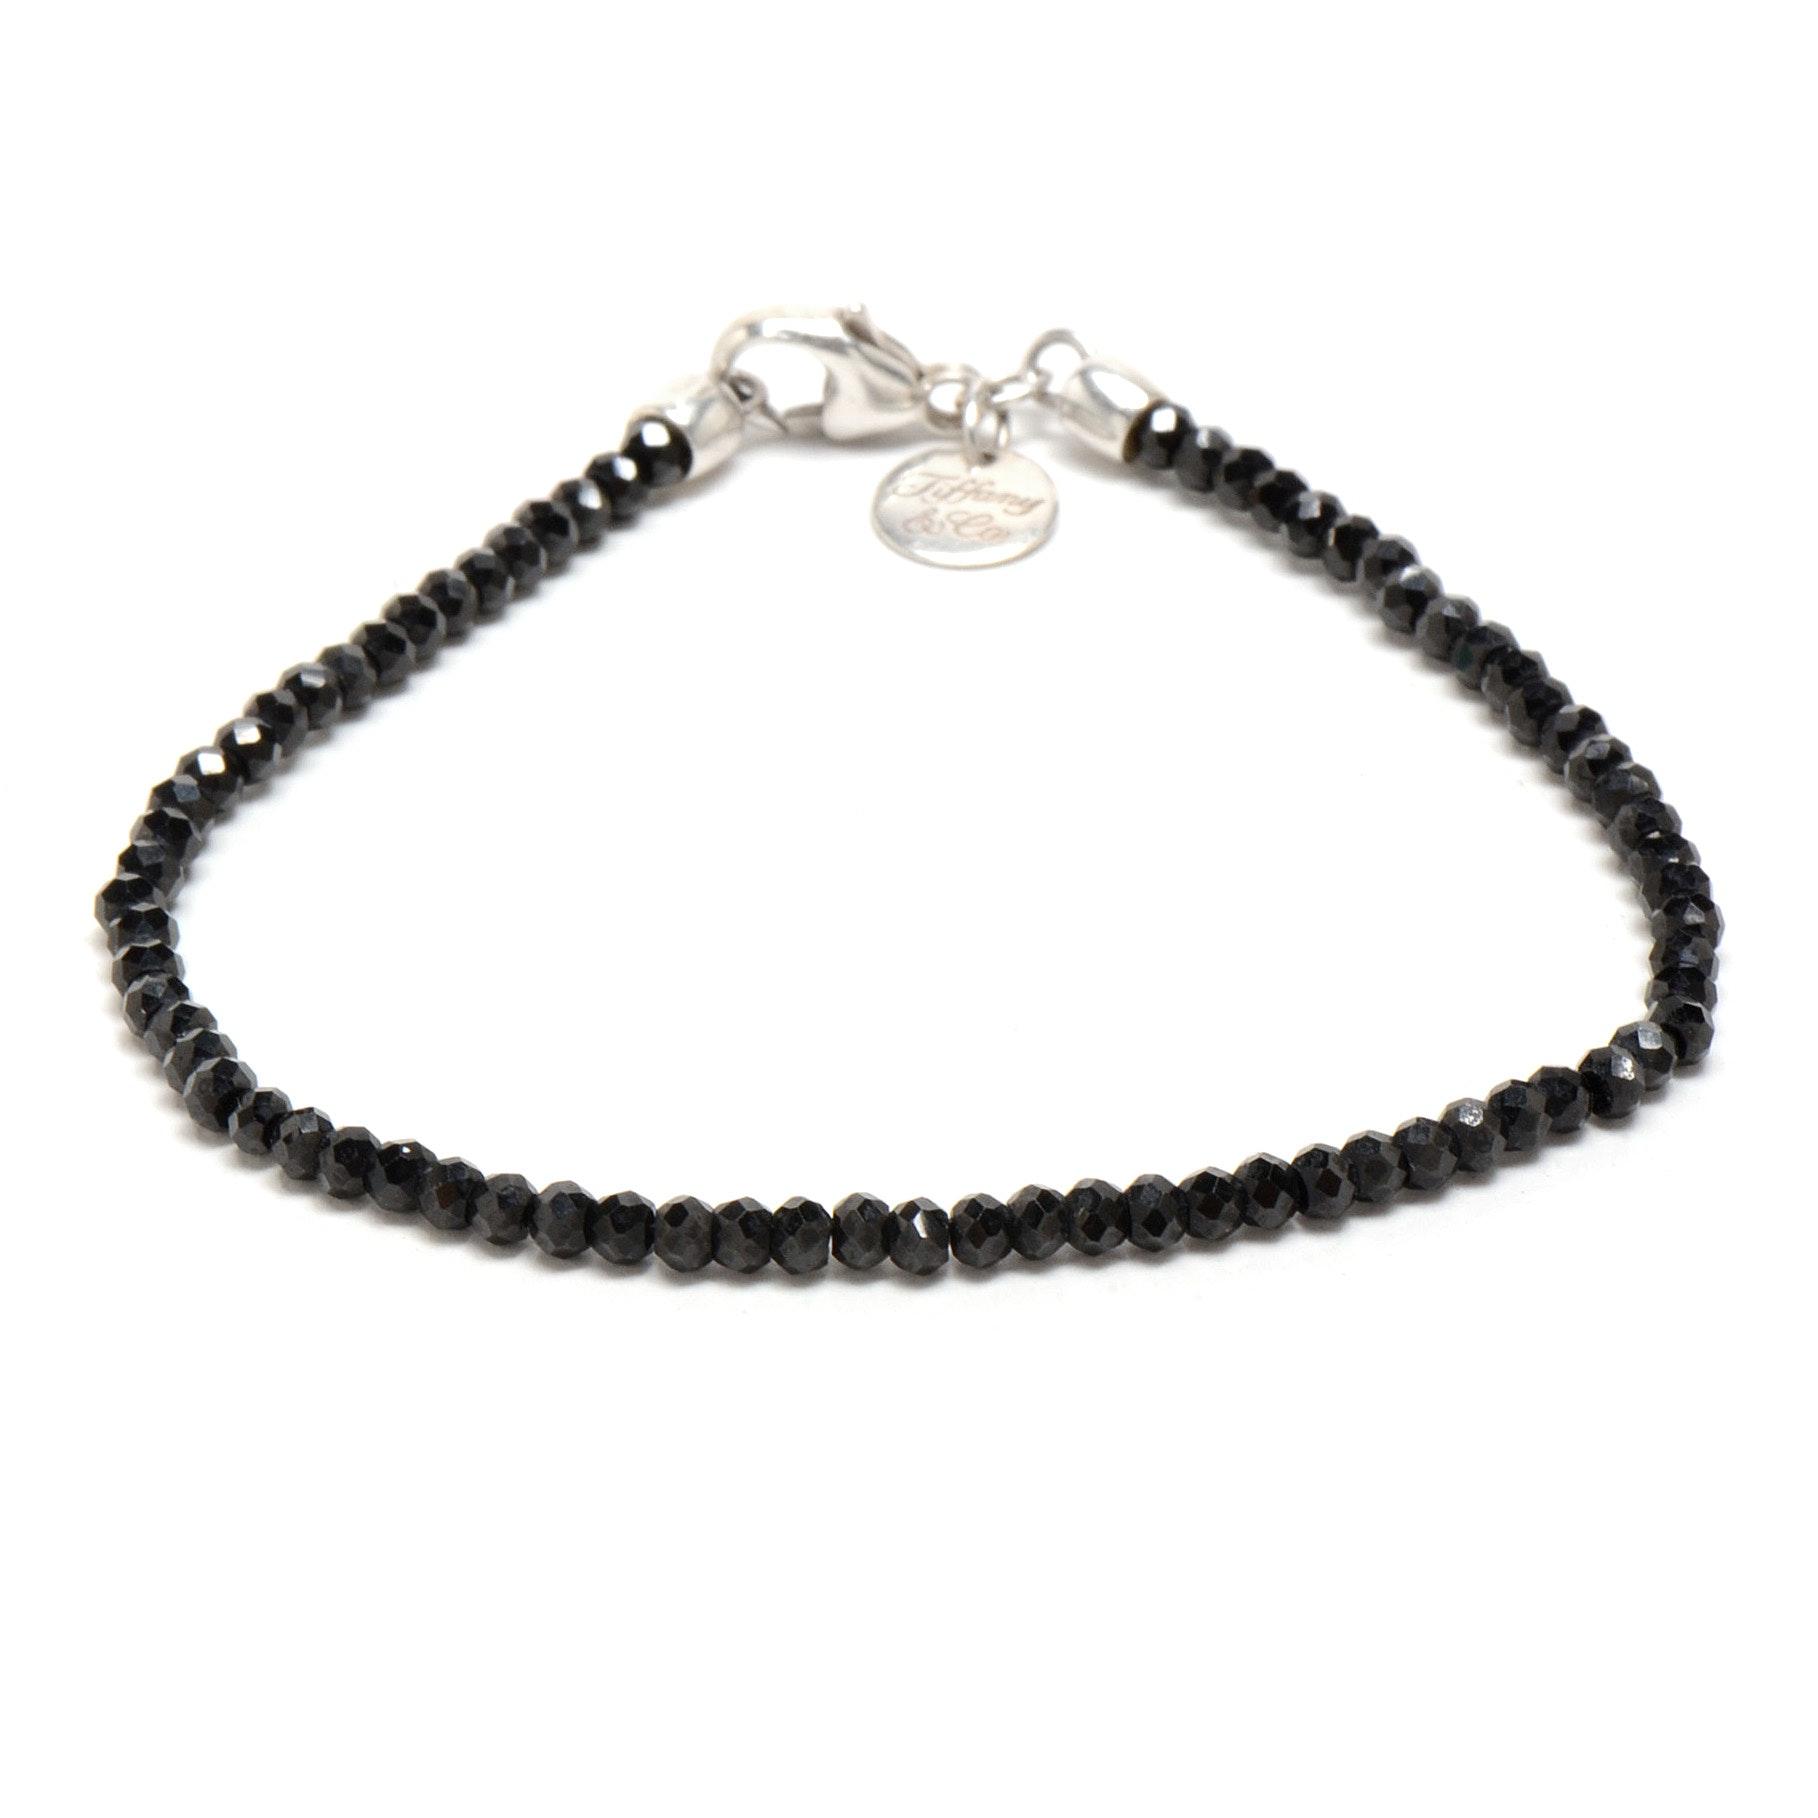 Tiffany & Co. Ziegfeld Black Spinel Beaded Sterling Bracelet